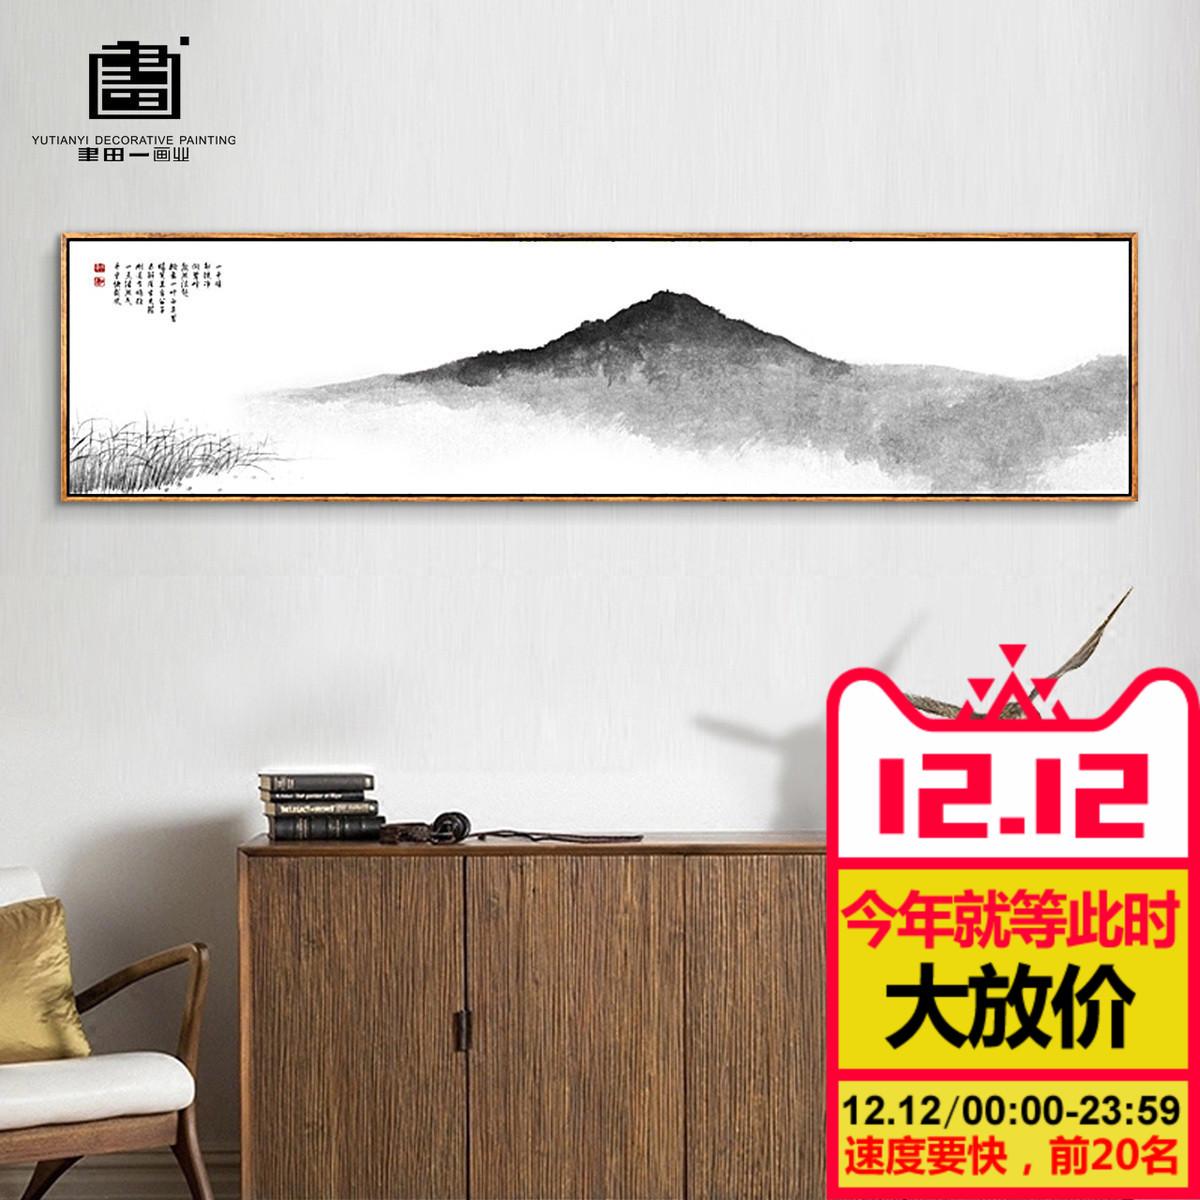 卧室床头装饰画新中式抽象意境水墨画客厅背景墙挂画长条山水壁画